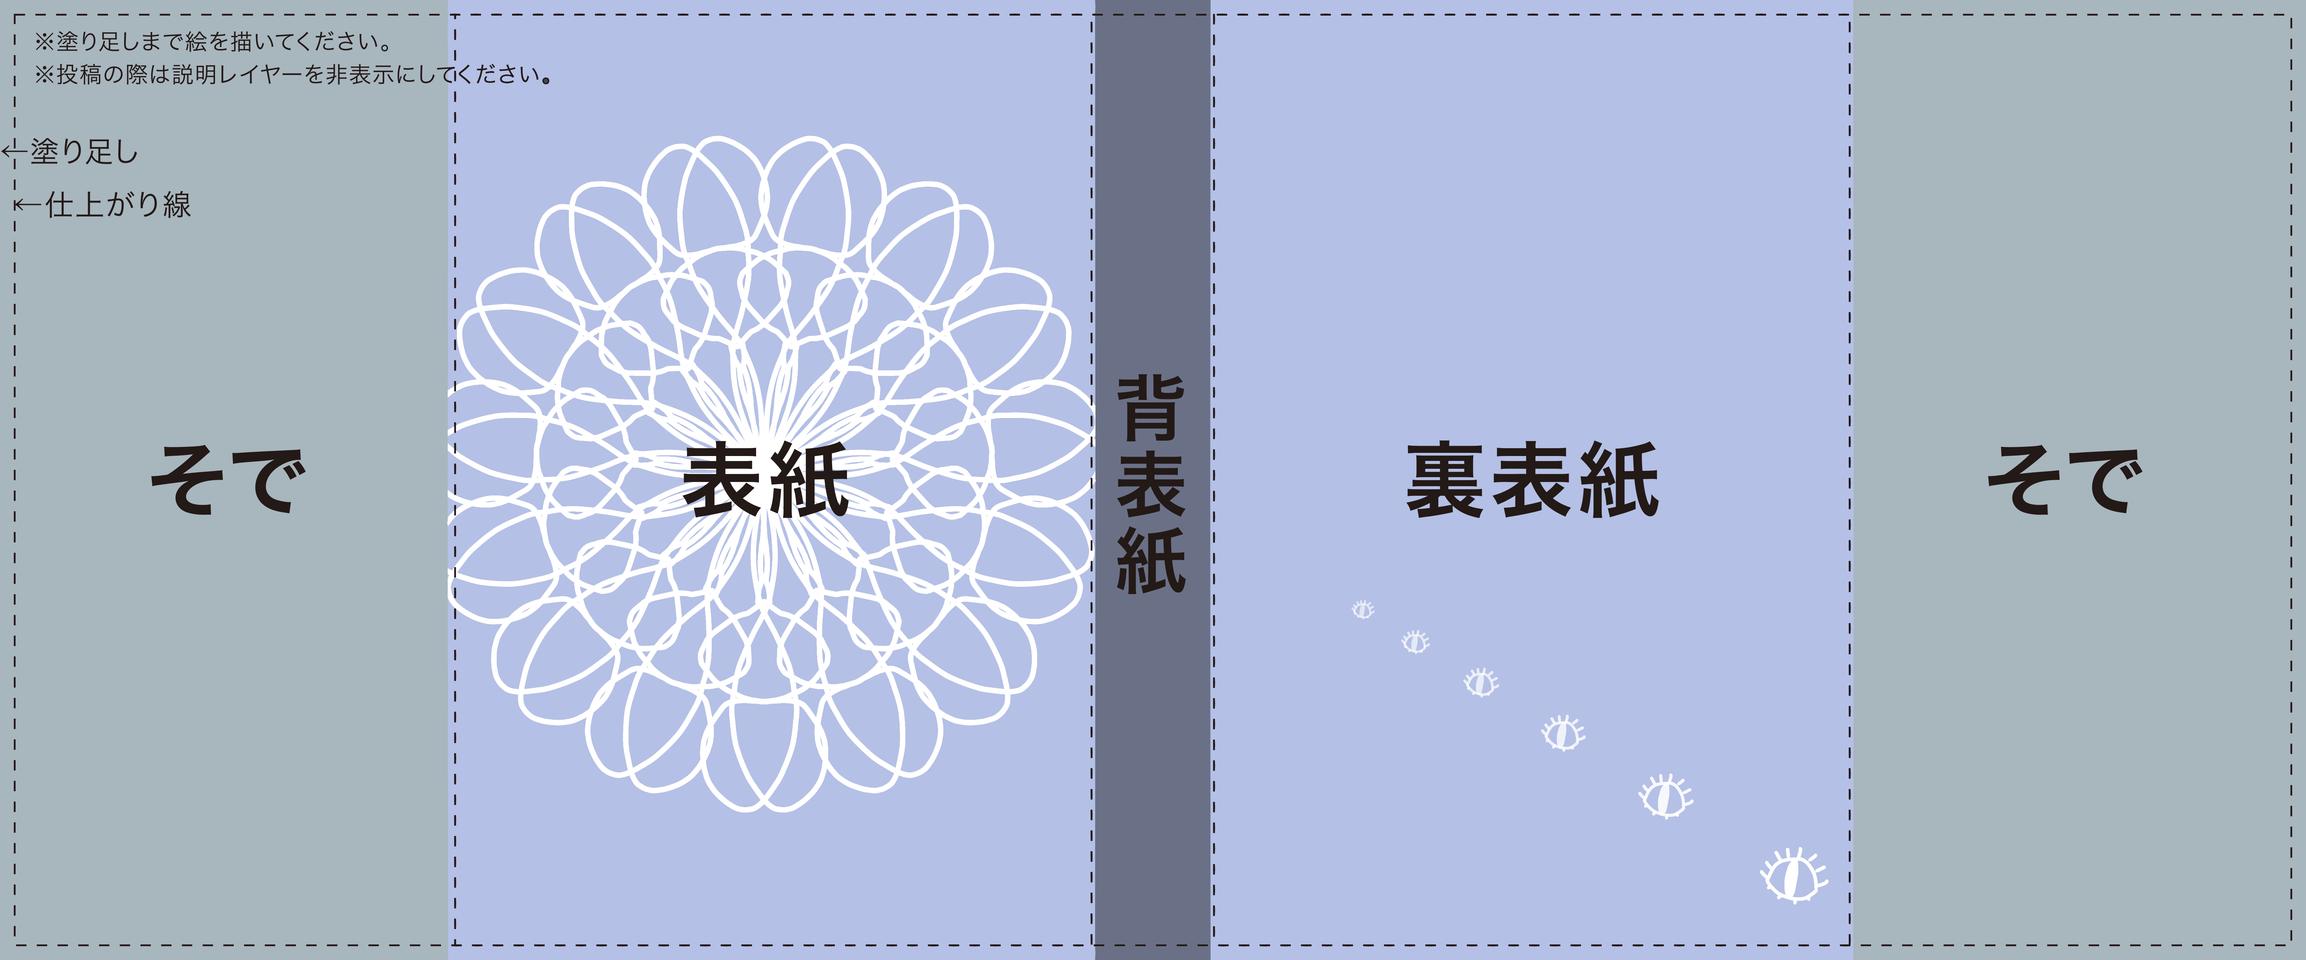 グル目 Illust of 屑梩 Spinning_contest medibangpaint